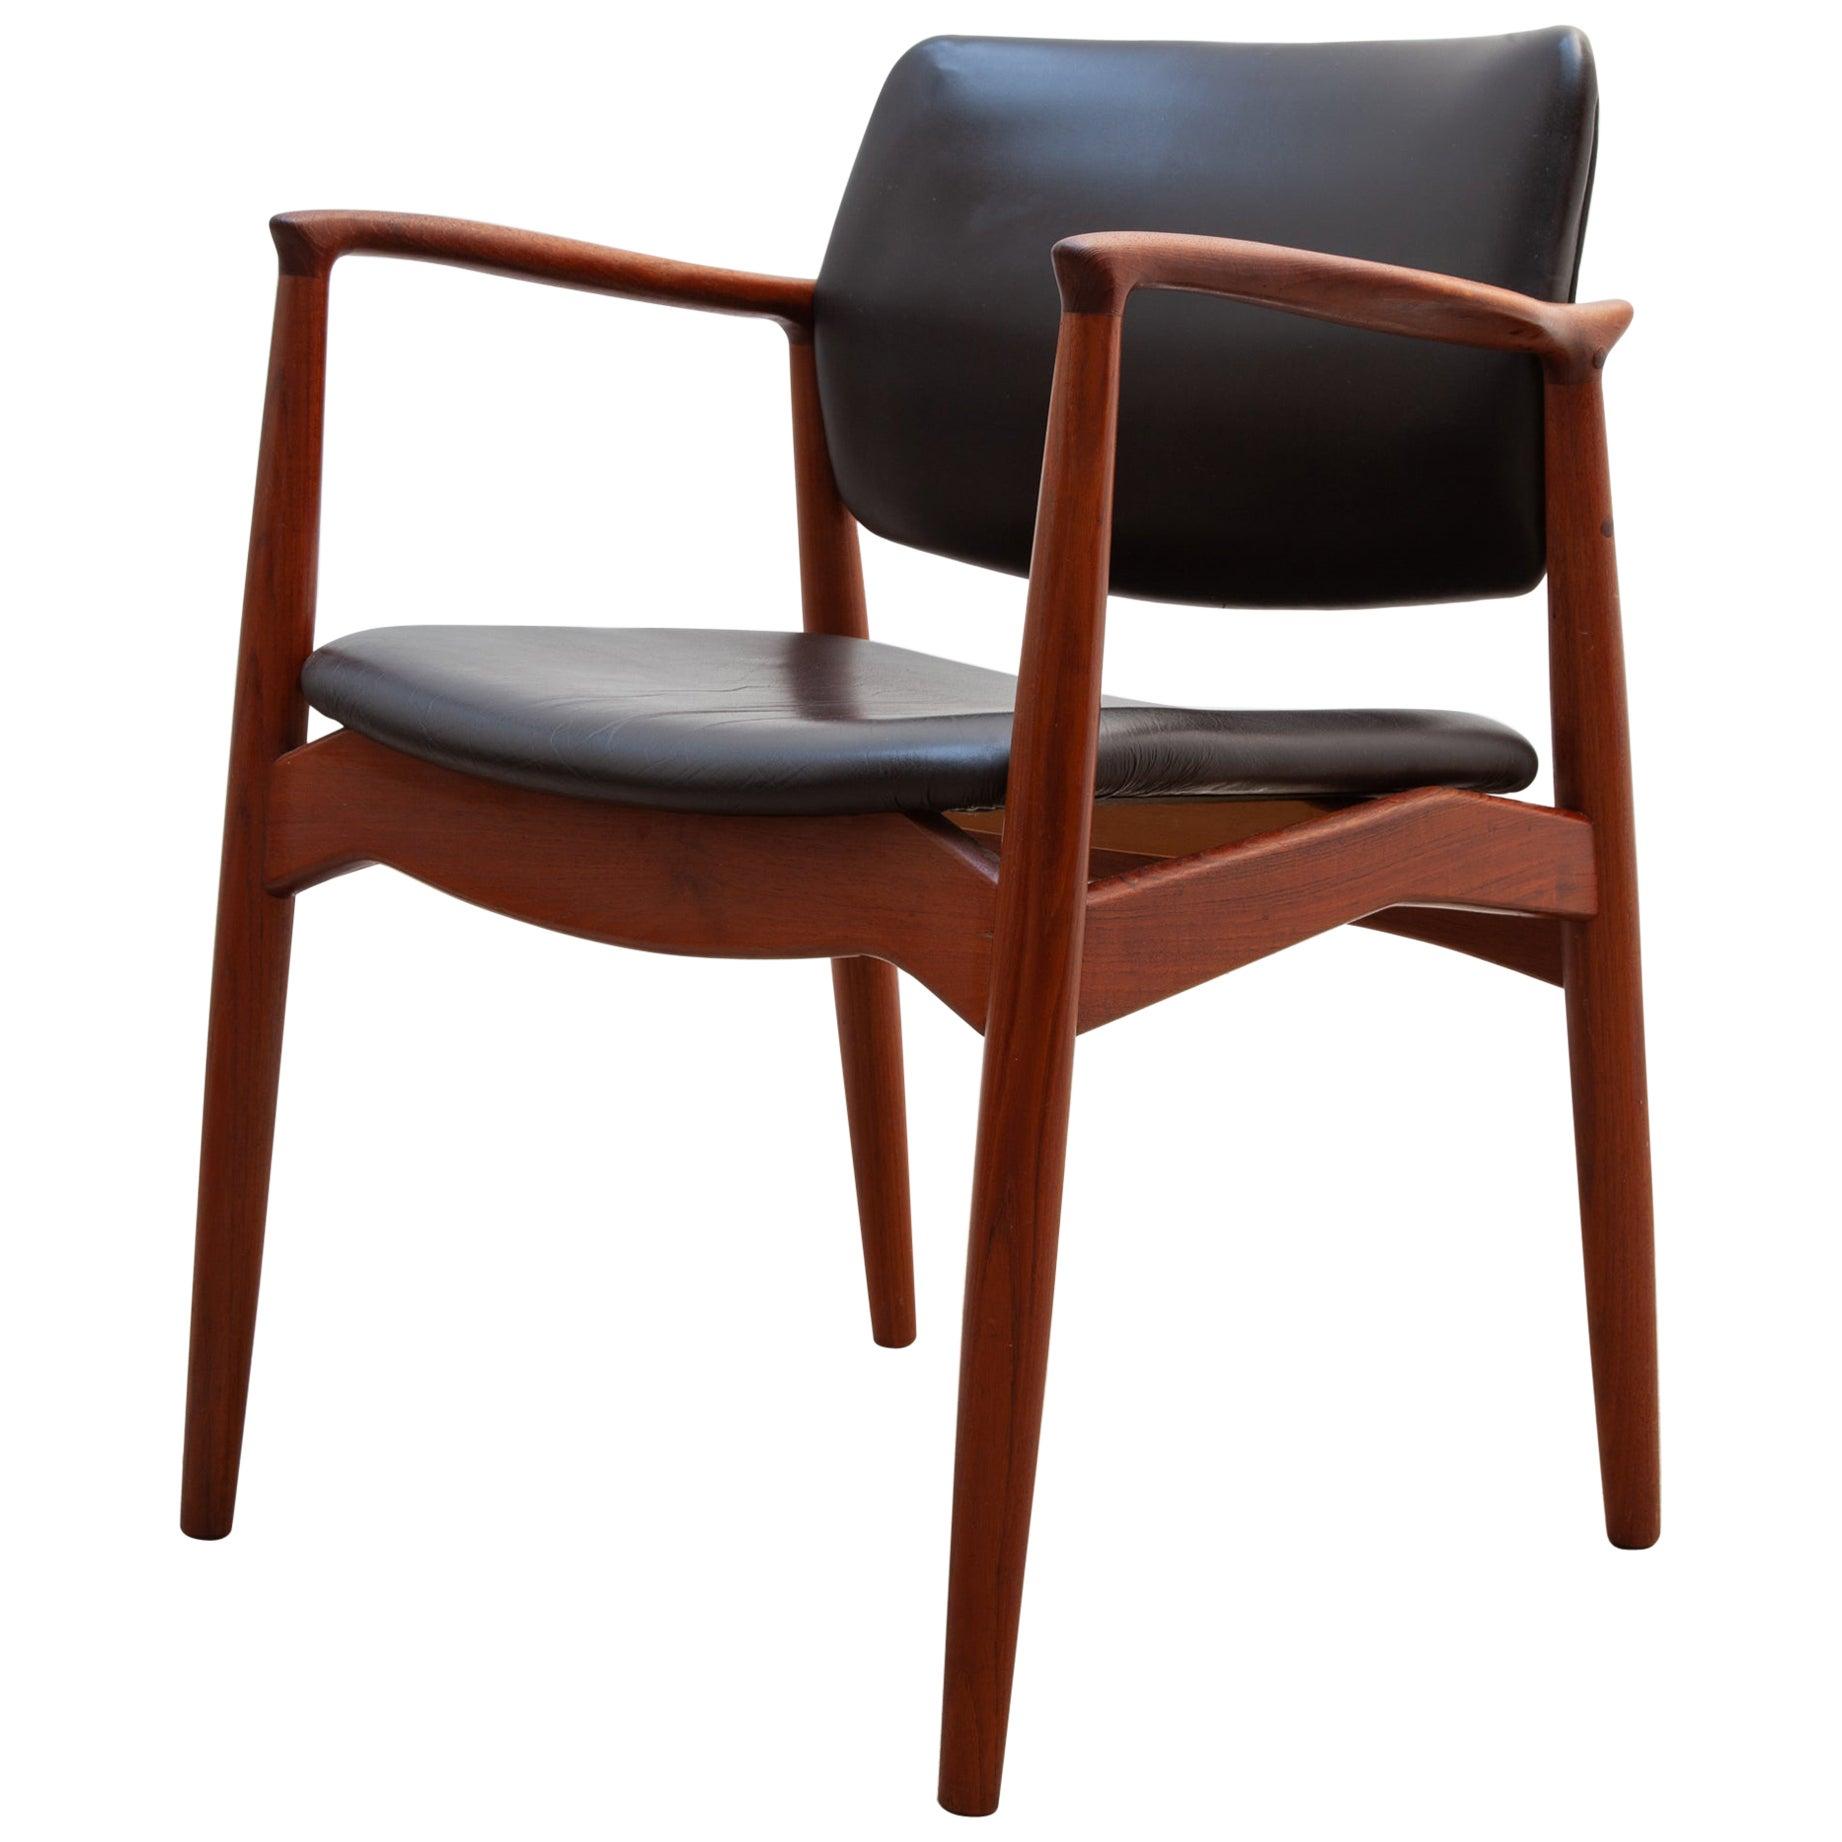 1950s Teak Side Chair by Arne Vodder for Sibast, Denmark